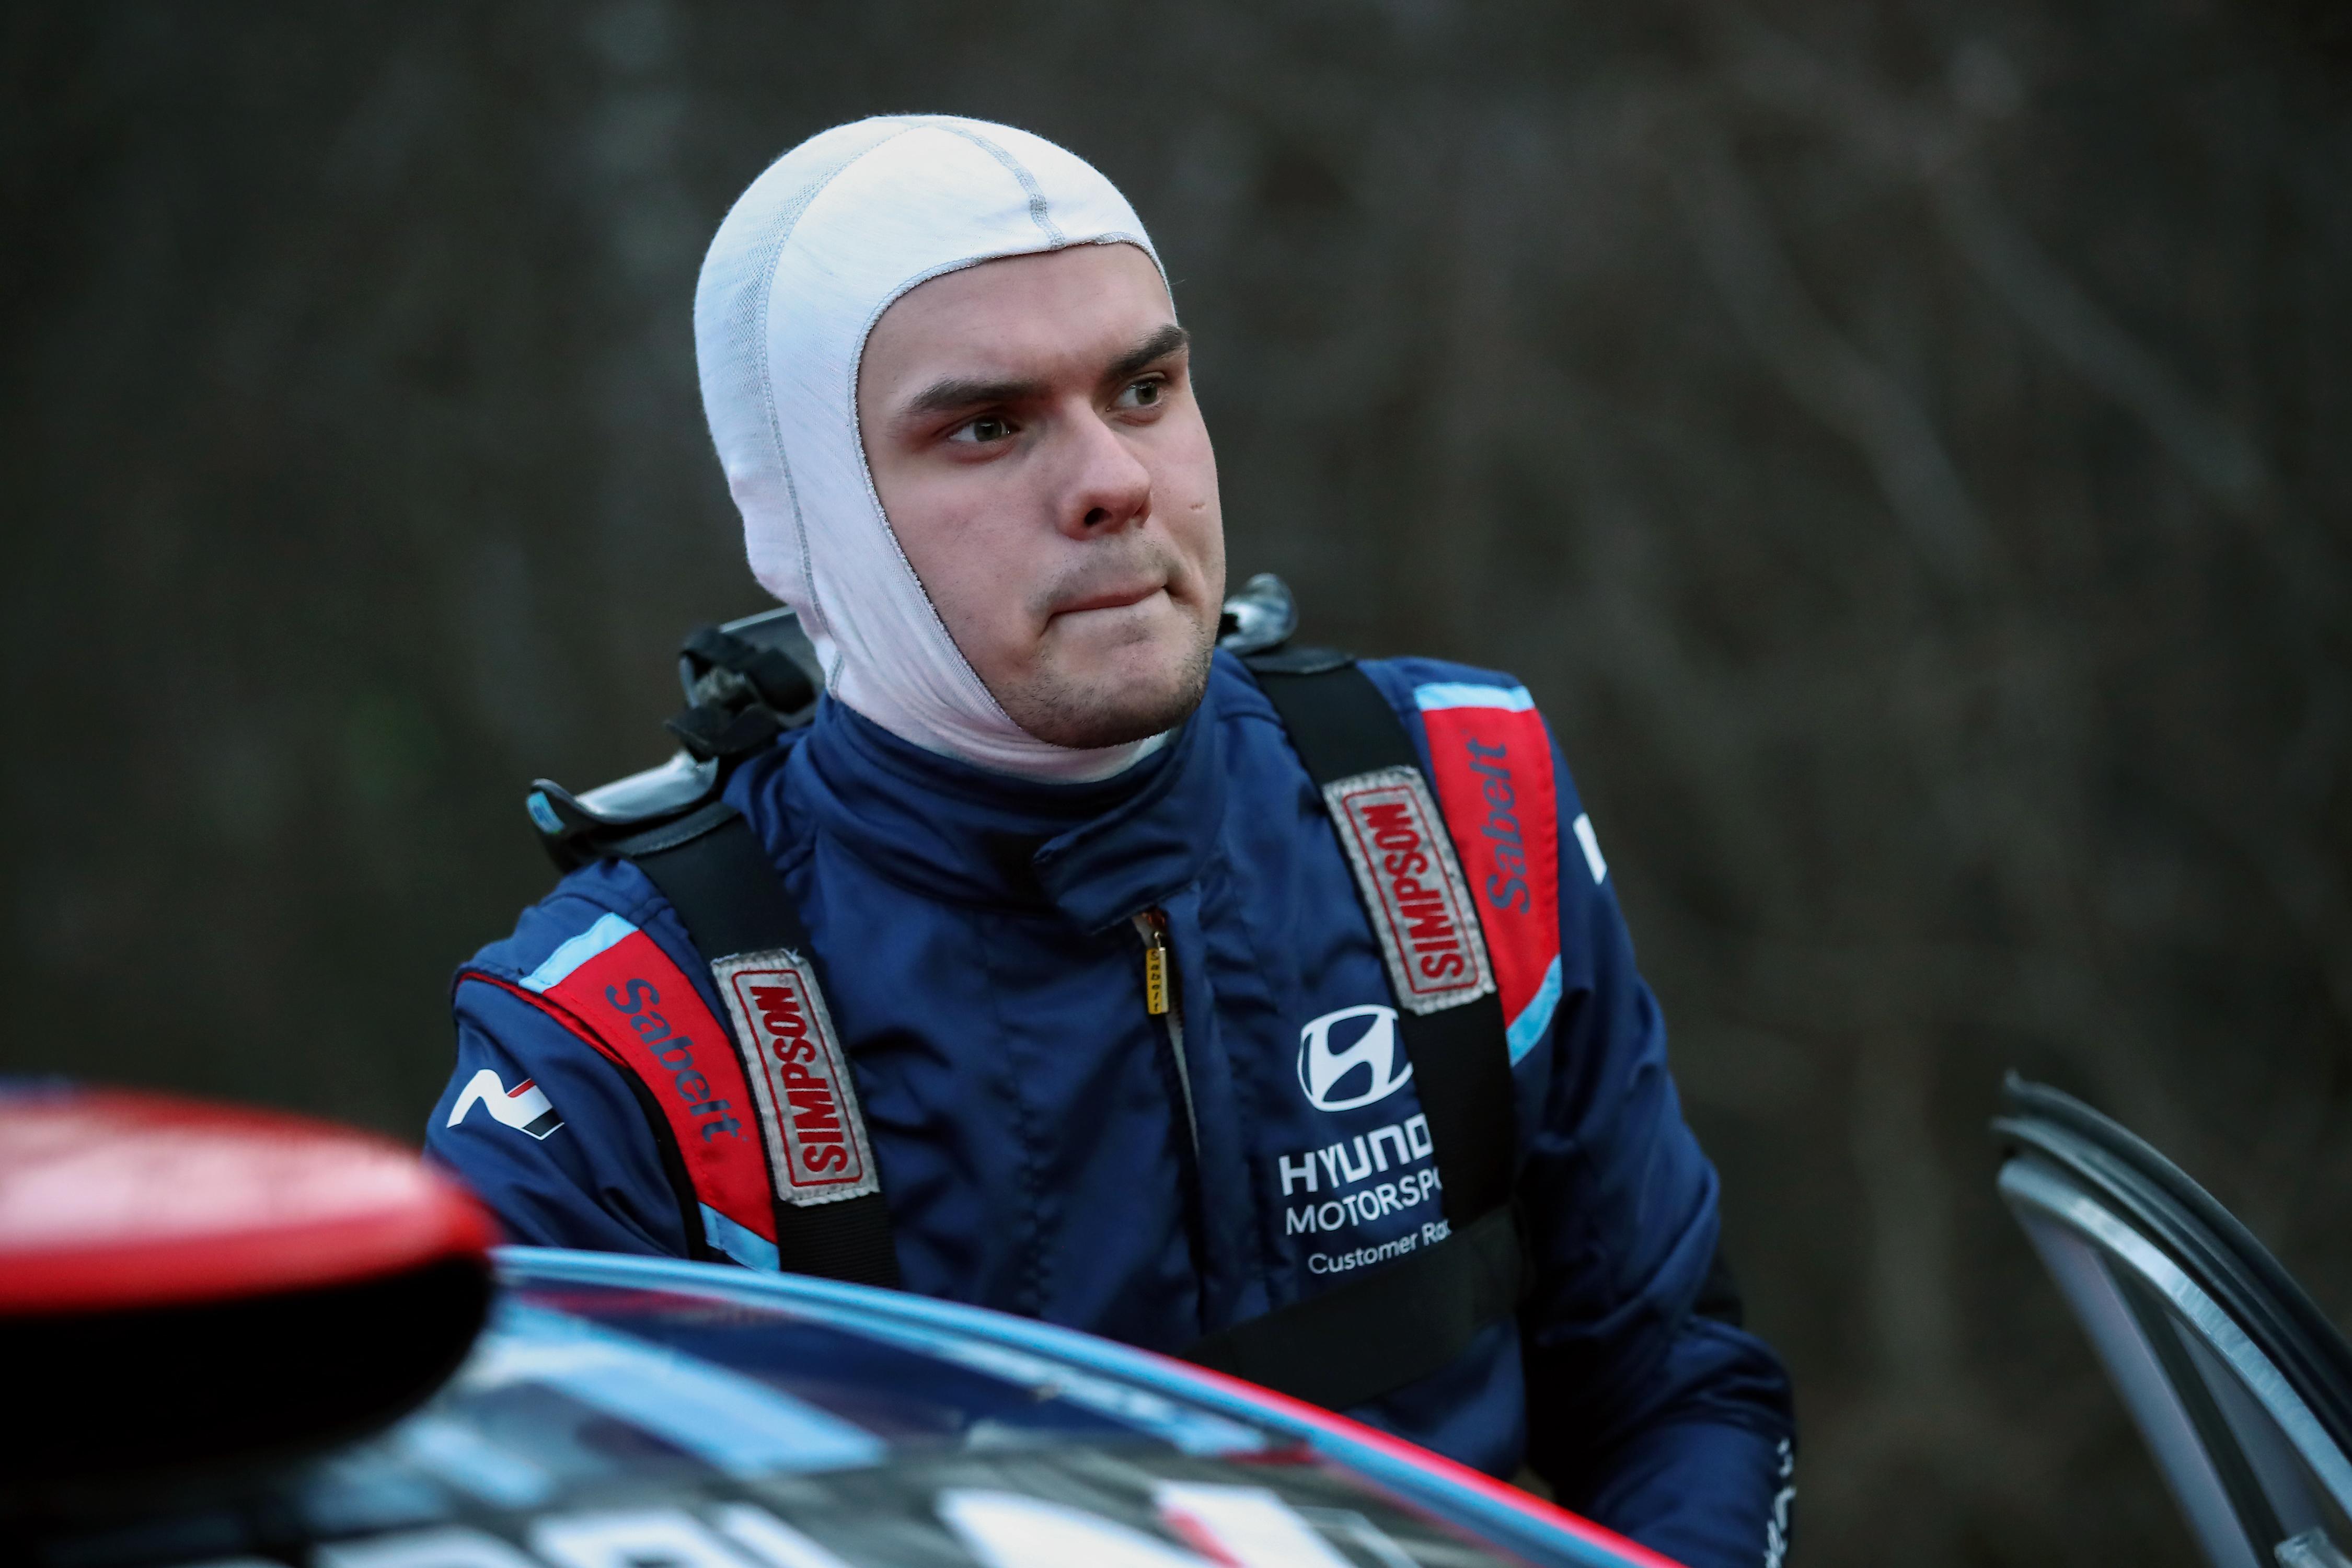 En cas de doute, sortez la manette: le champion ERC1 Junior Gryazin s'adapte à un nouveau copilote